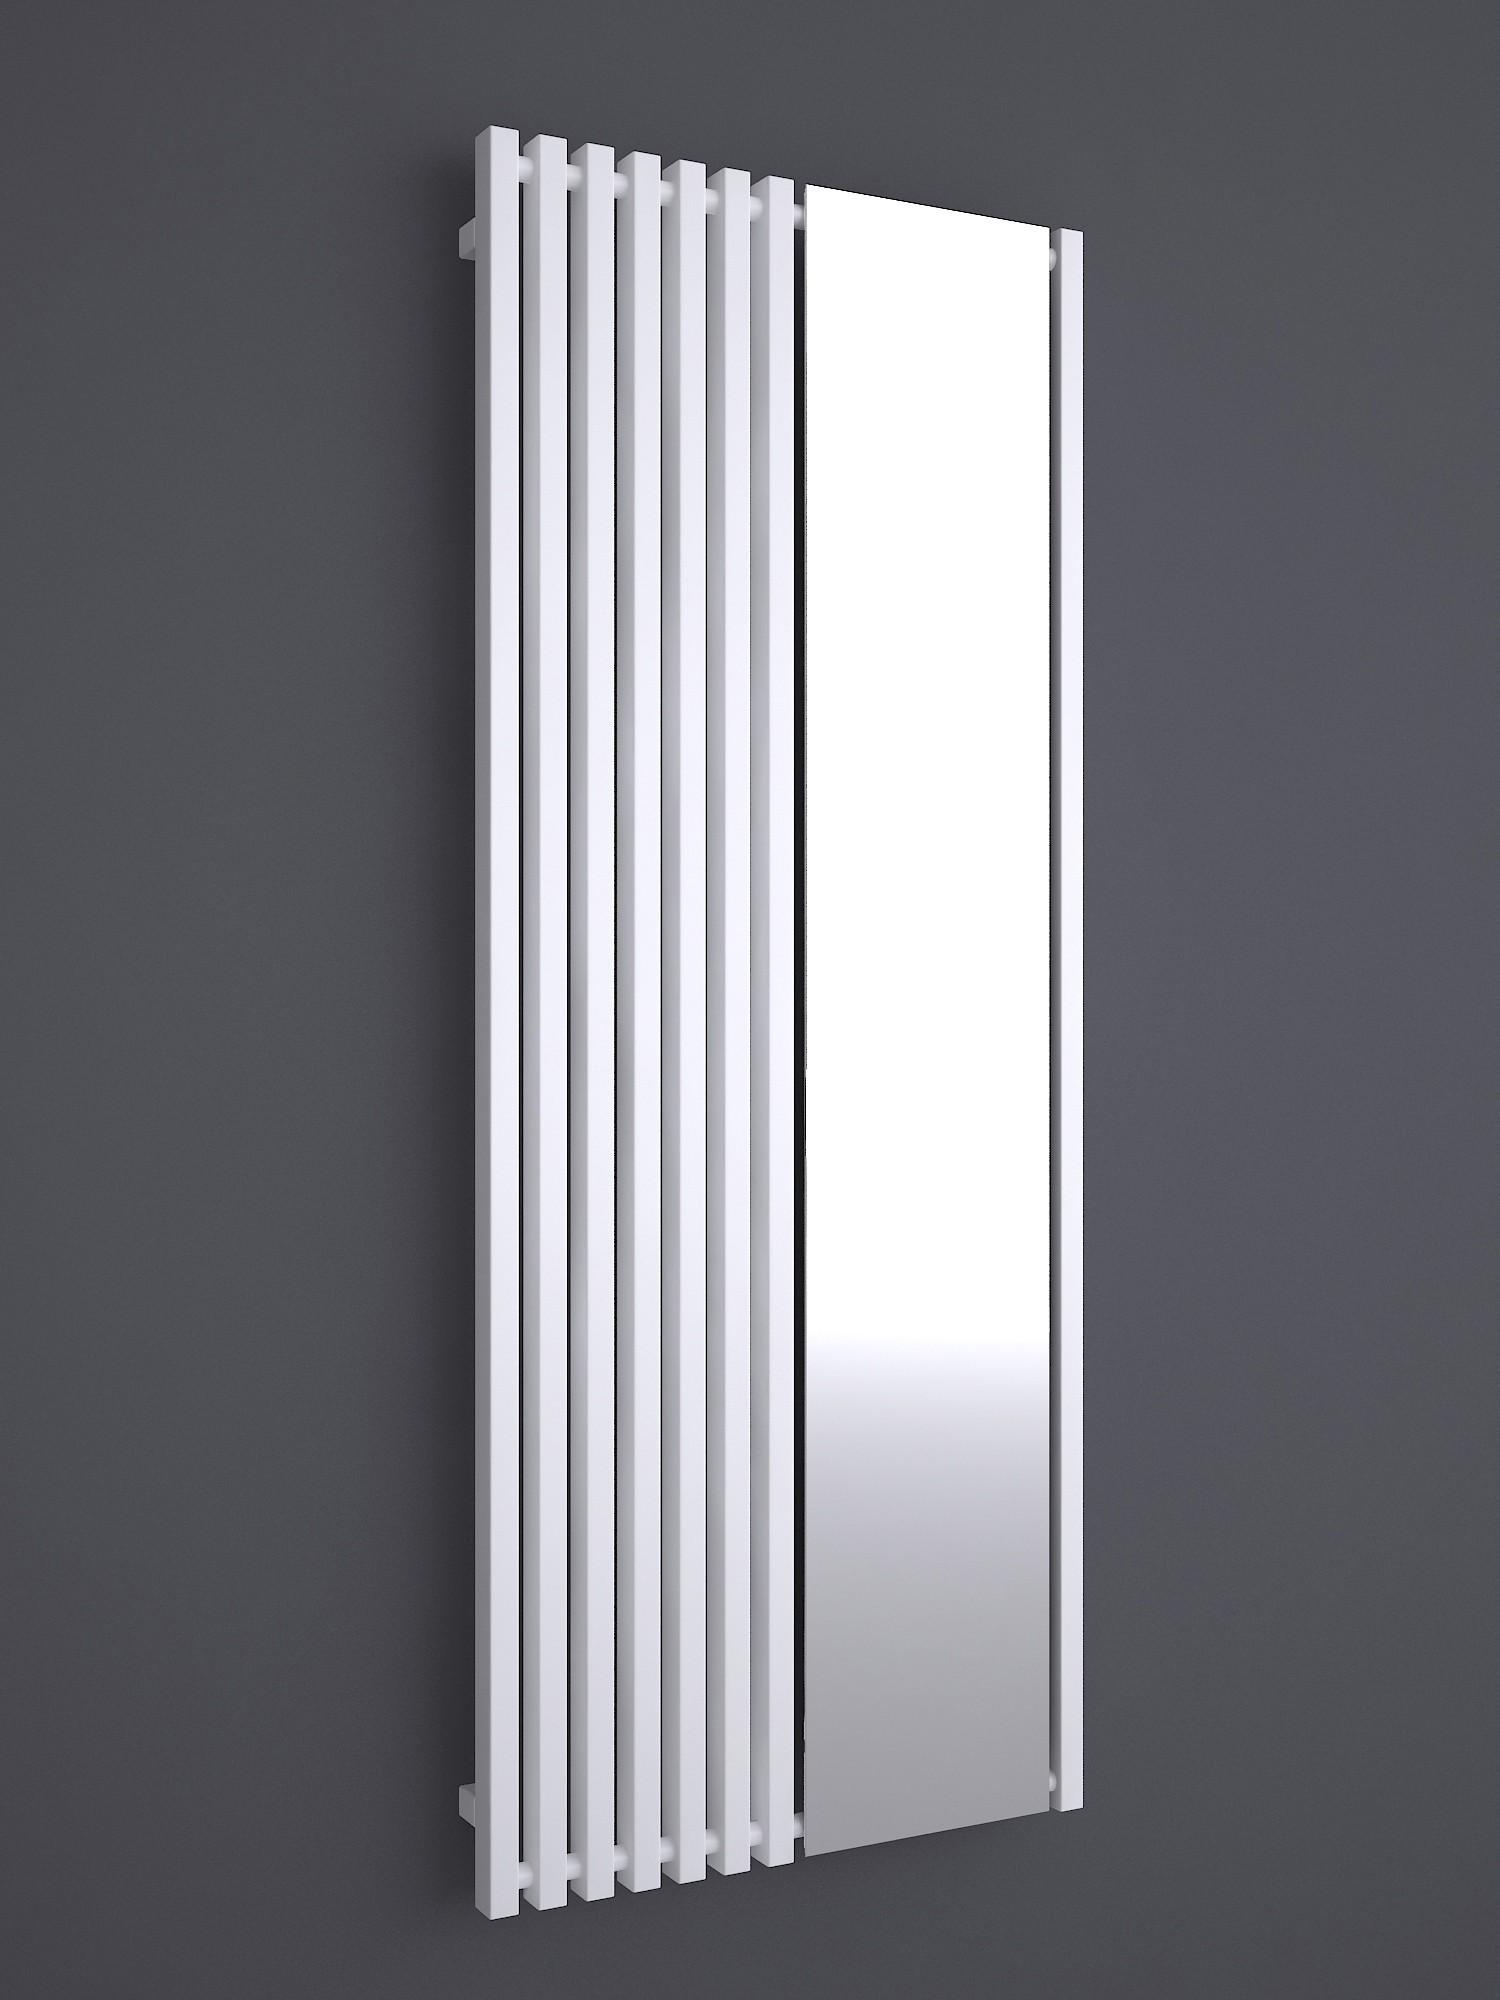 Radiateur triga miroir chauffage central for Radiateur vertical chauffage central